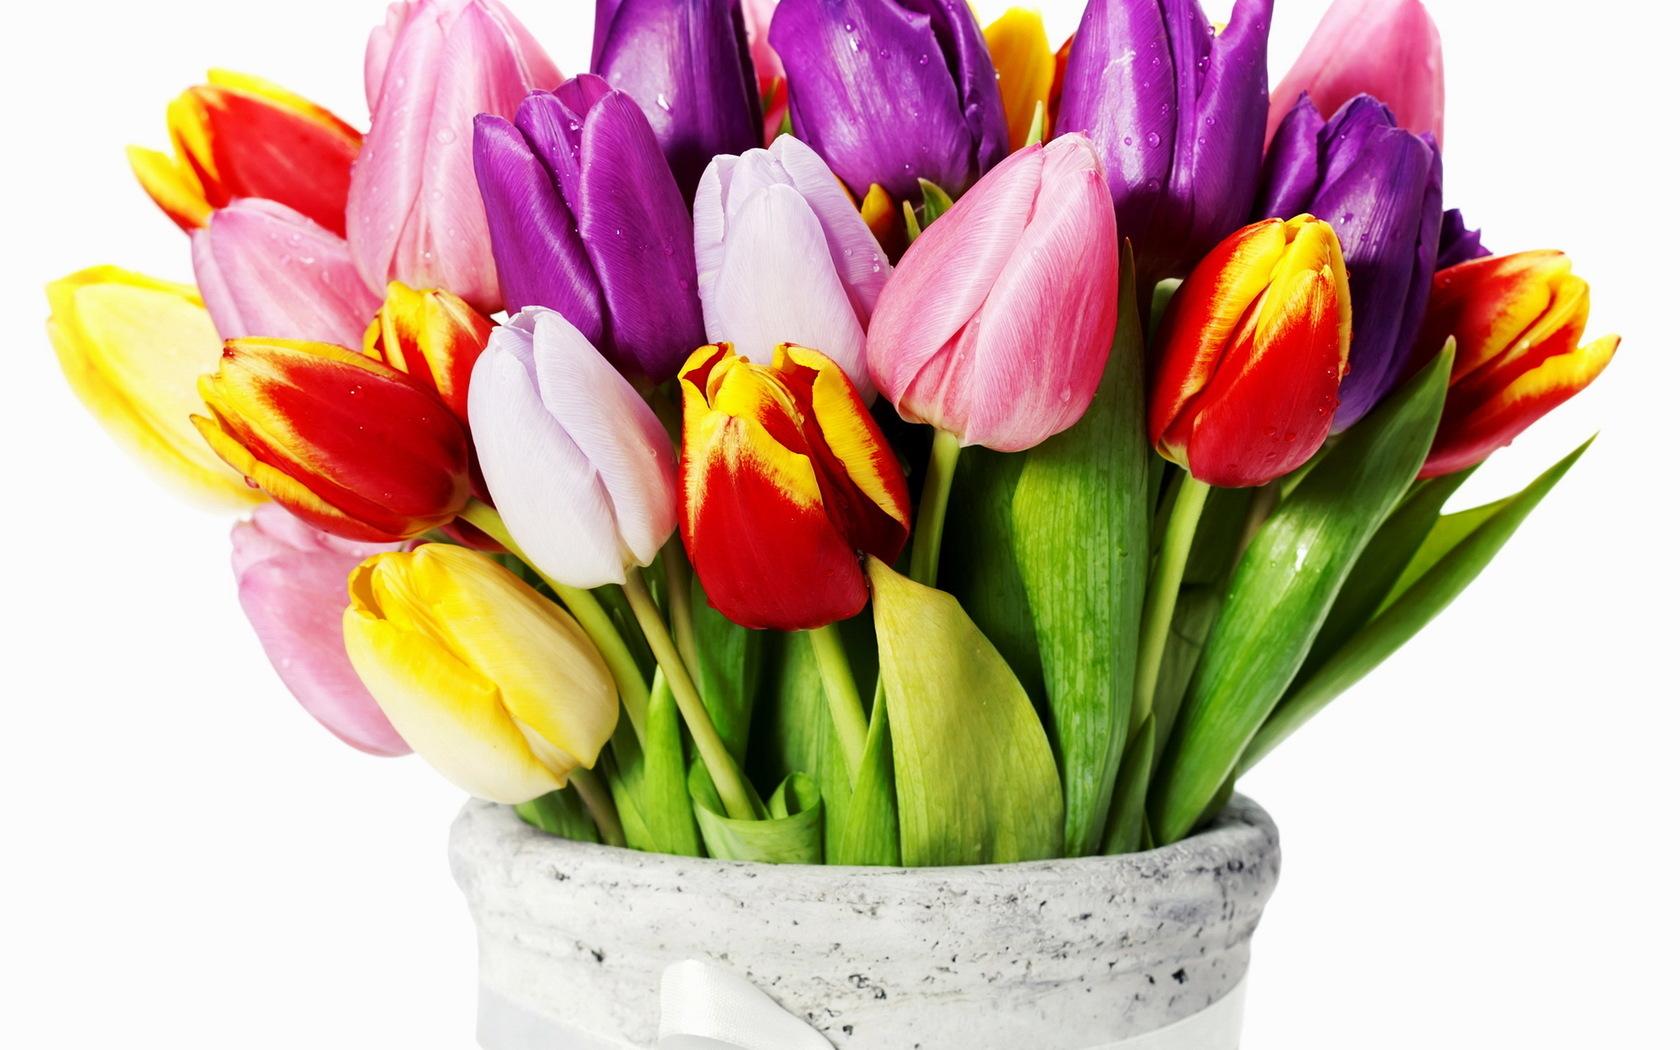 38651 скачать обои Растения, Цветы, Тюльпаны, Букеты - заставки и картинки бесплатно